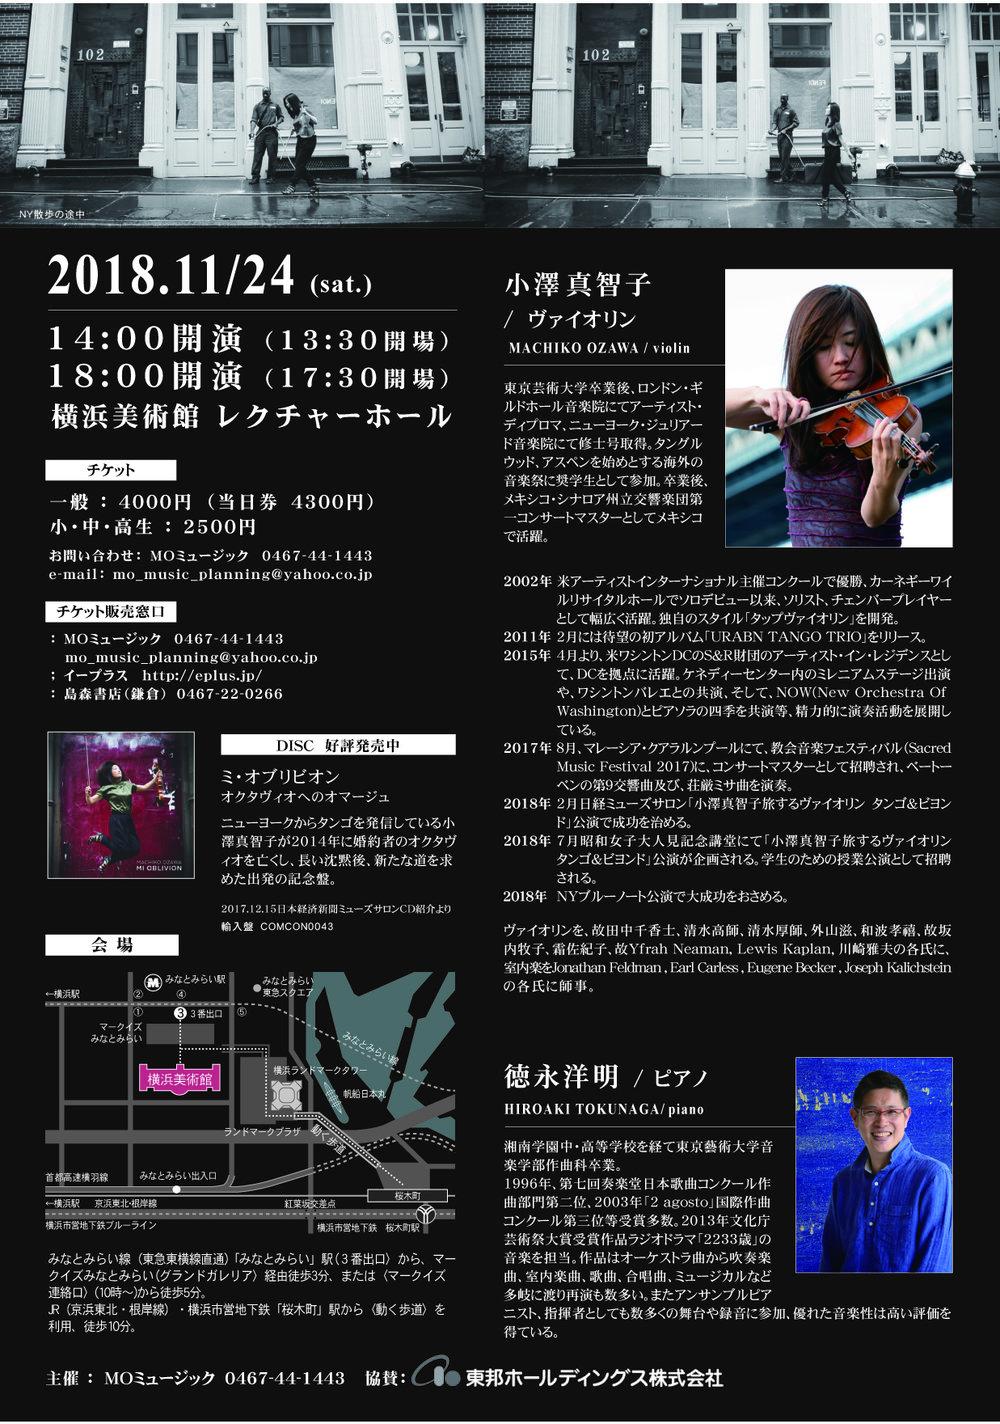 横浜美術館チラシ裏20180831.jpg